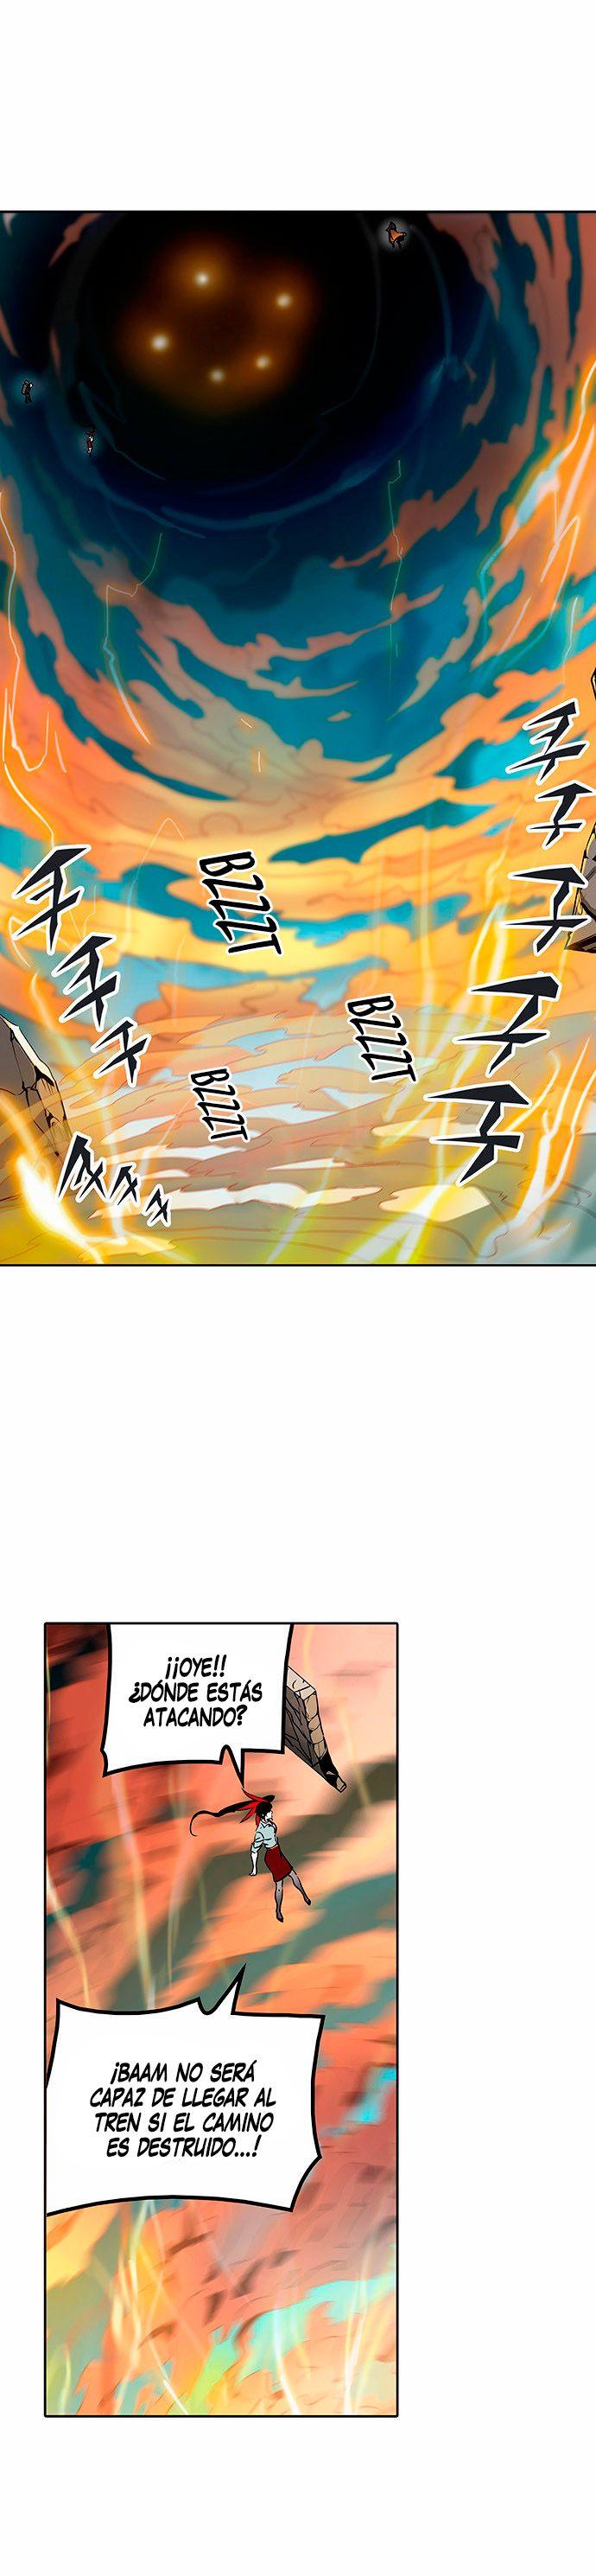 http://c5.ninemanga.com/es_manga/pic2/21/149/516339/db4195f88b8dae852e94bfcf0f2cc0b9.jpg Page 2